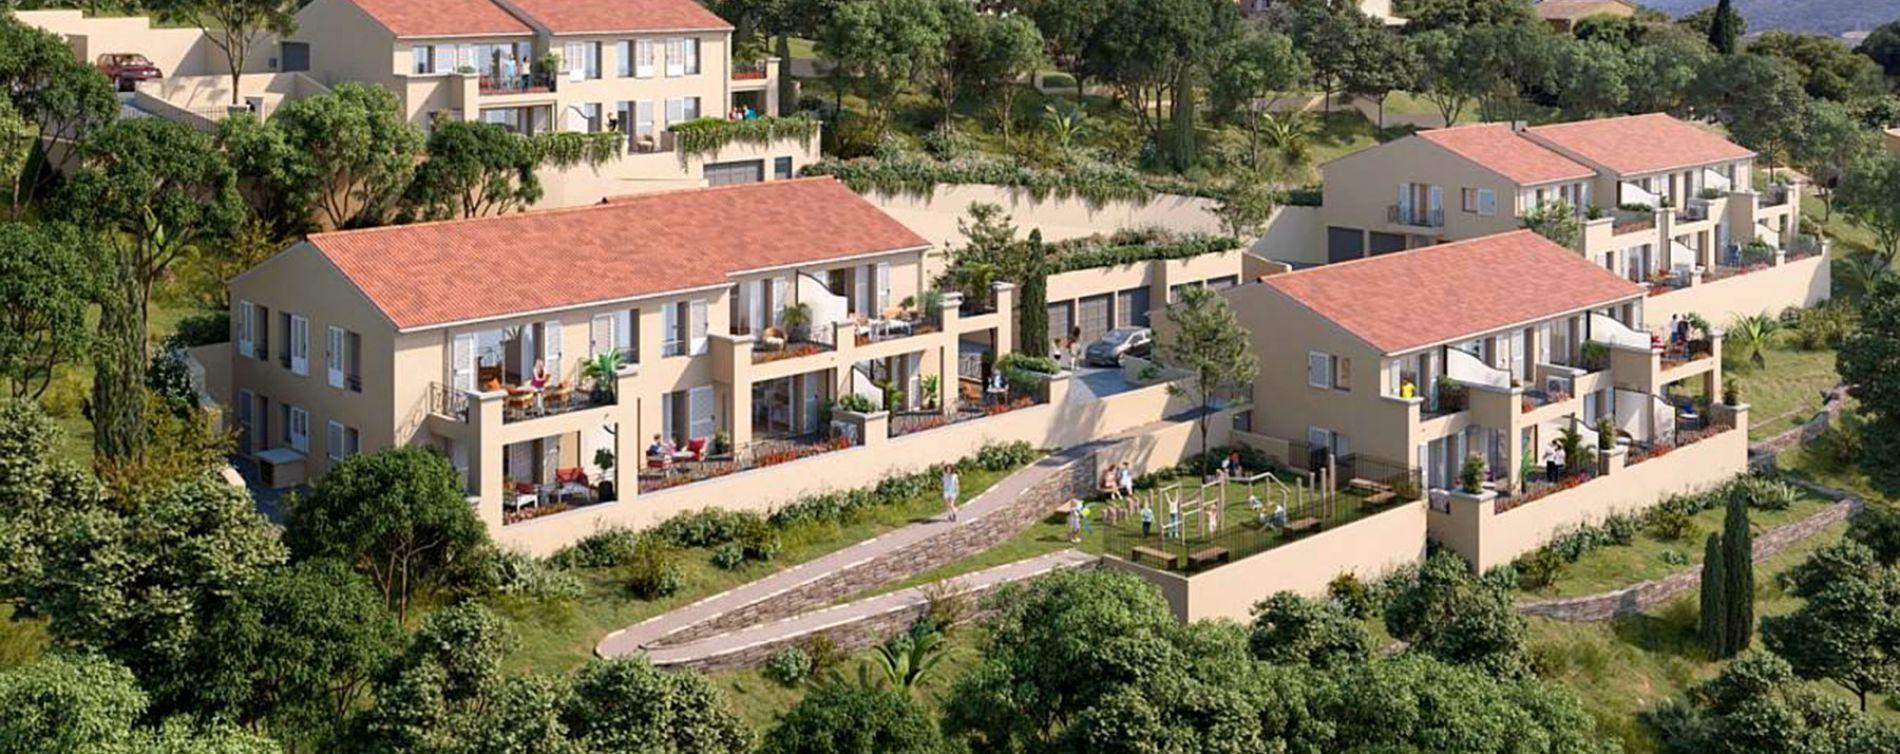 Résidence Les Bastides de Bormes à Bormes-les-Mimosas